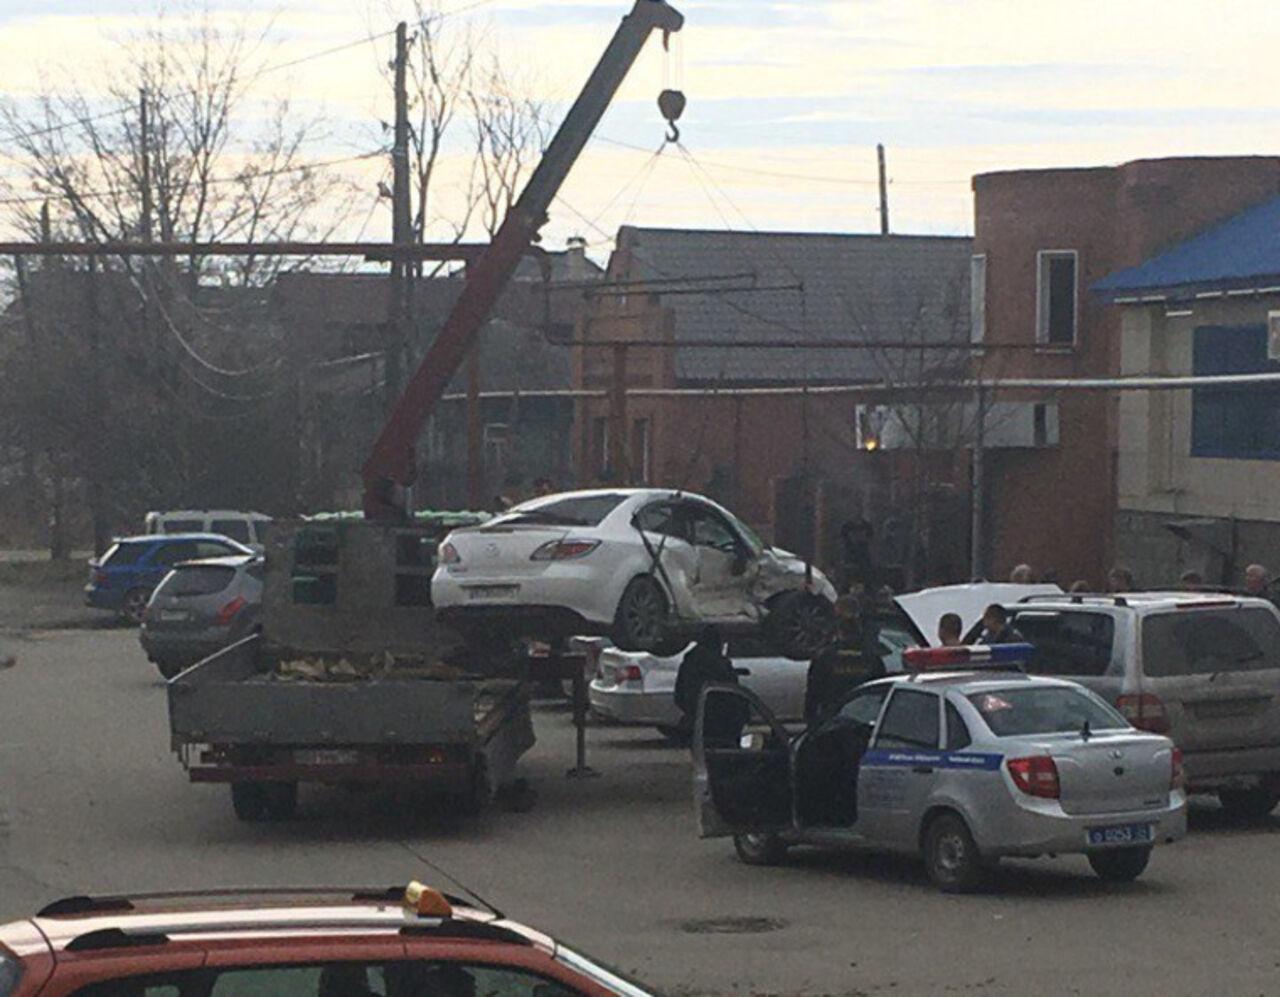 Десятилетний парень зарулем «Тойота Ланд Крузер» устроил массовое ДТП вЧебаркуле